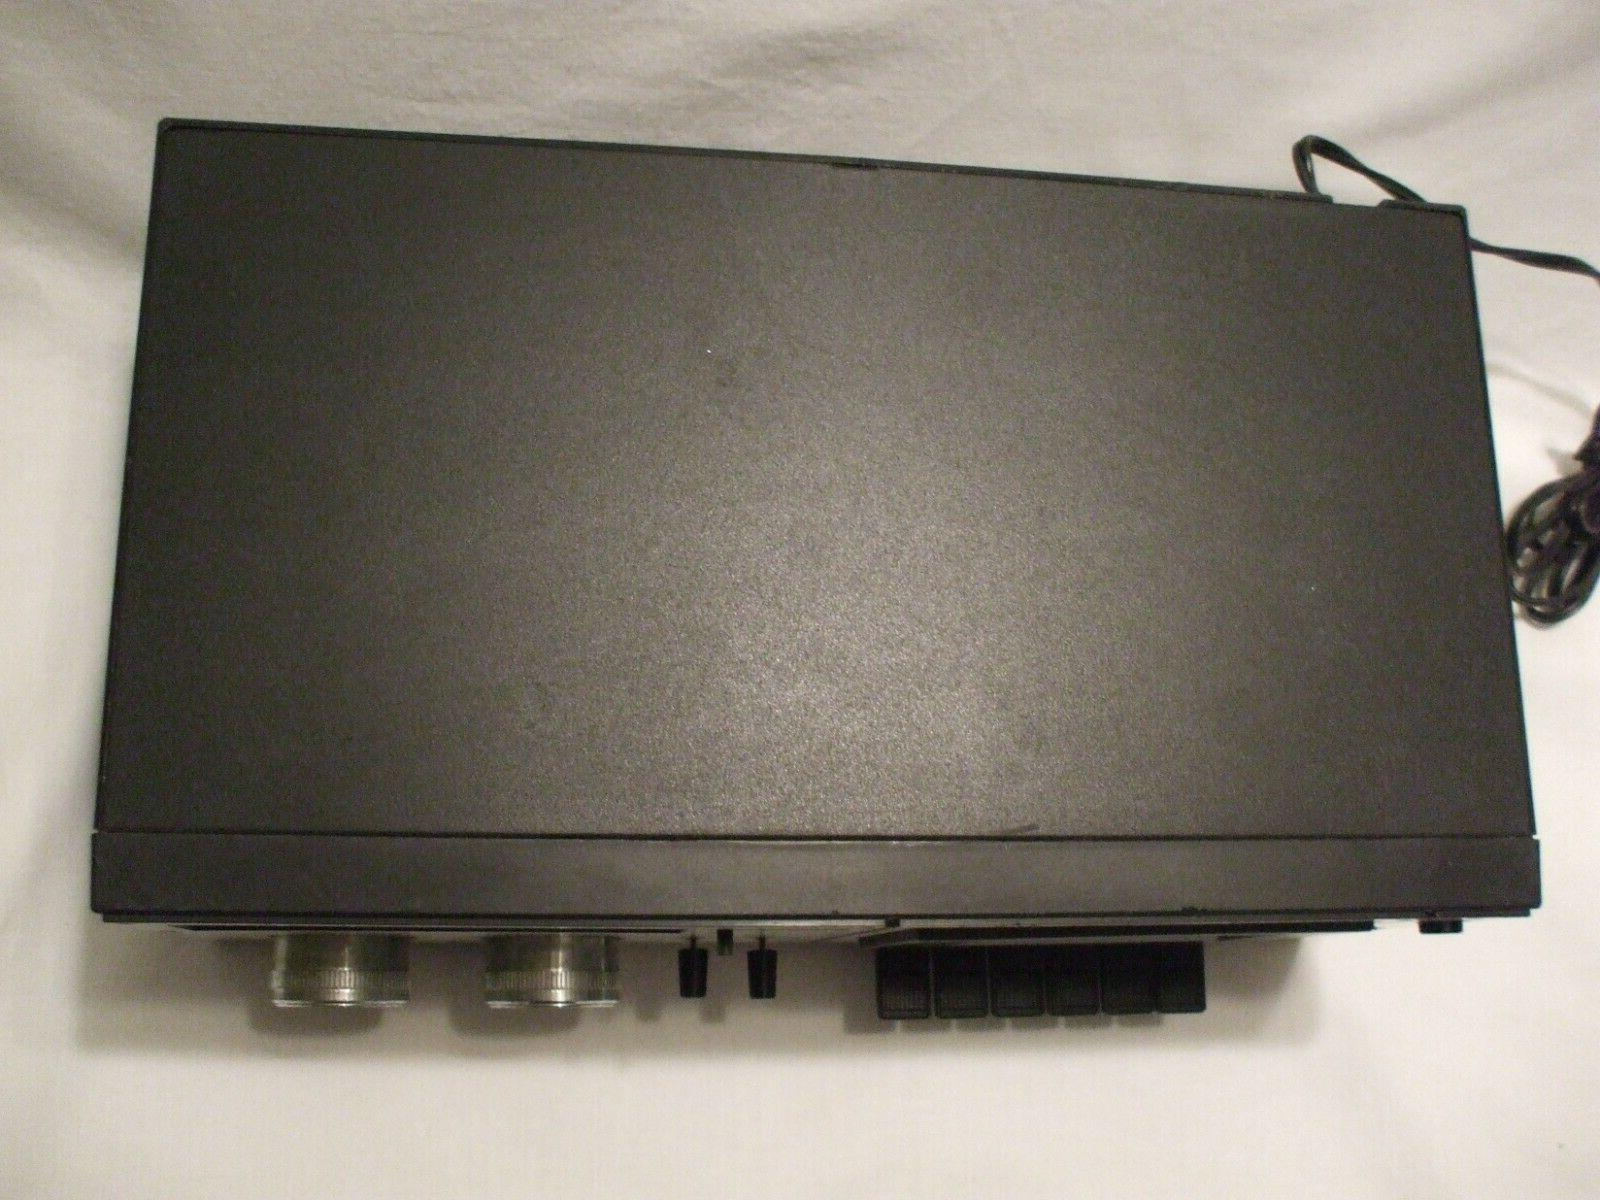 SANKYO STD-1650 Stereo Deck Vintage repair